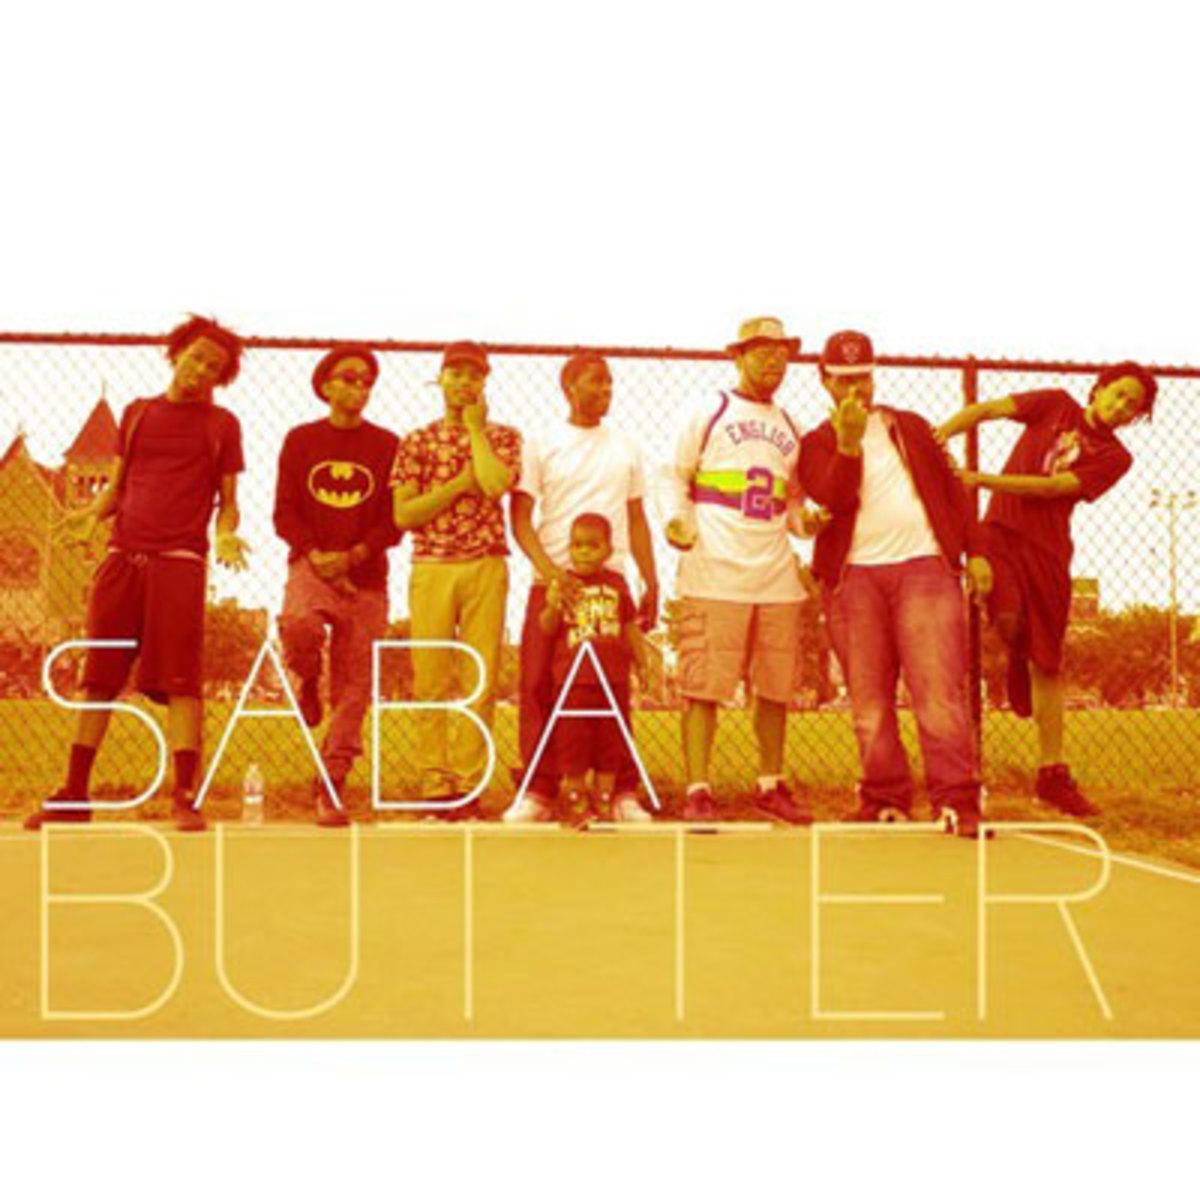 saba-butter.jpg